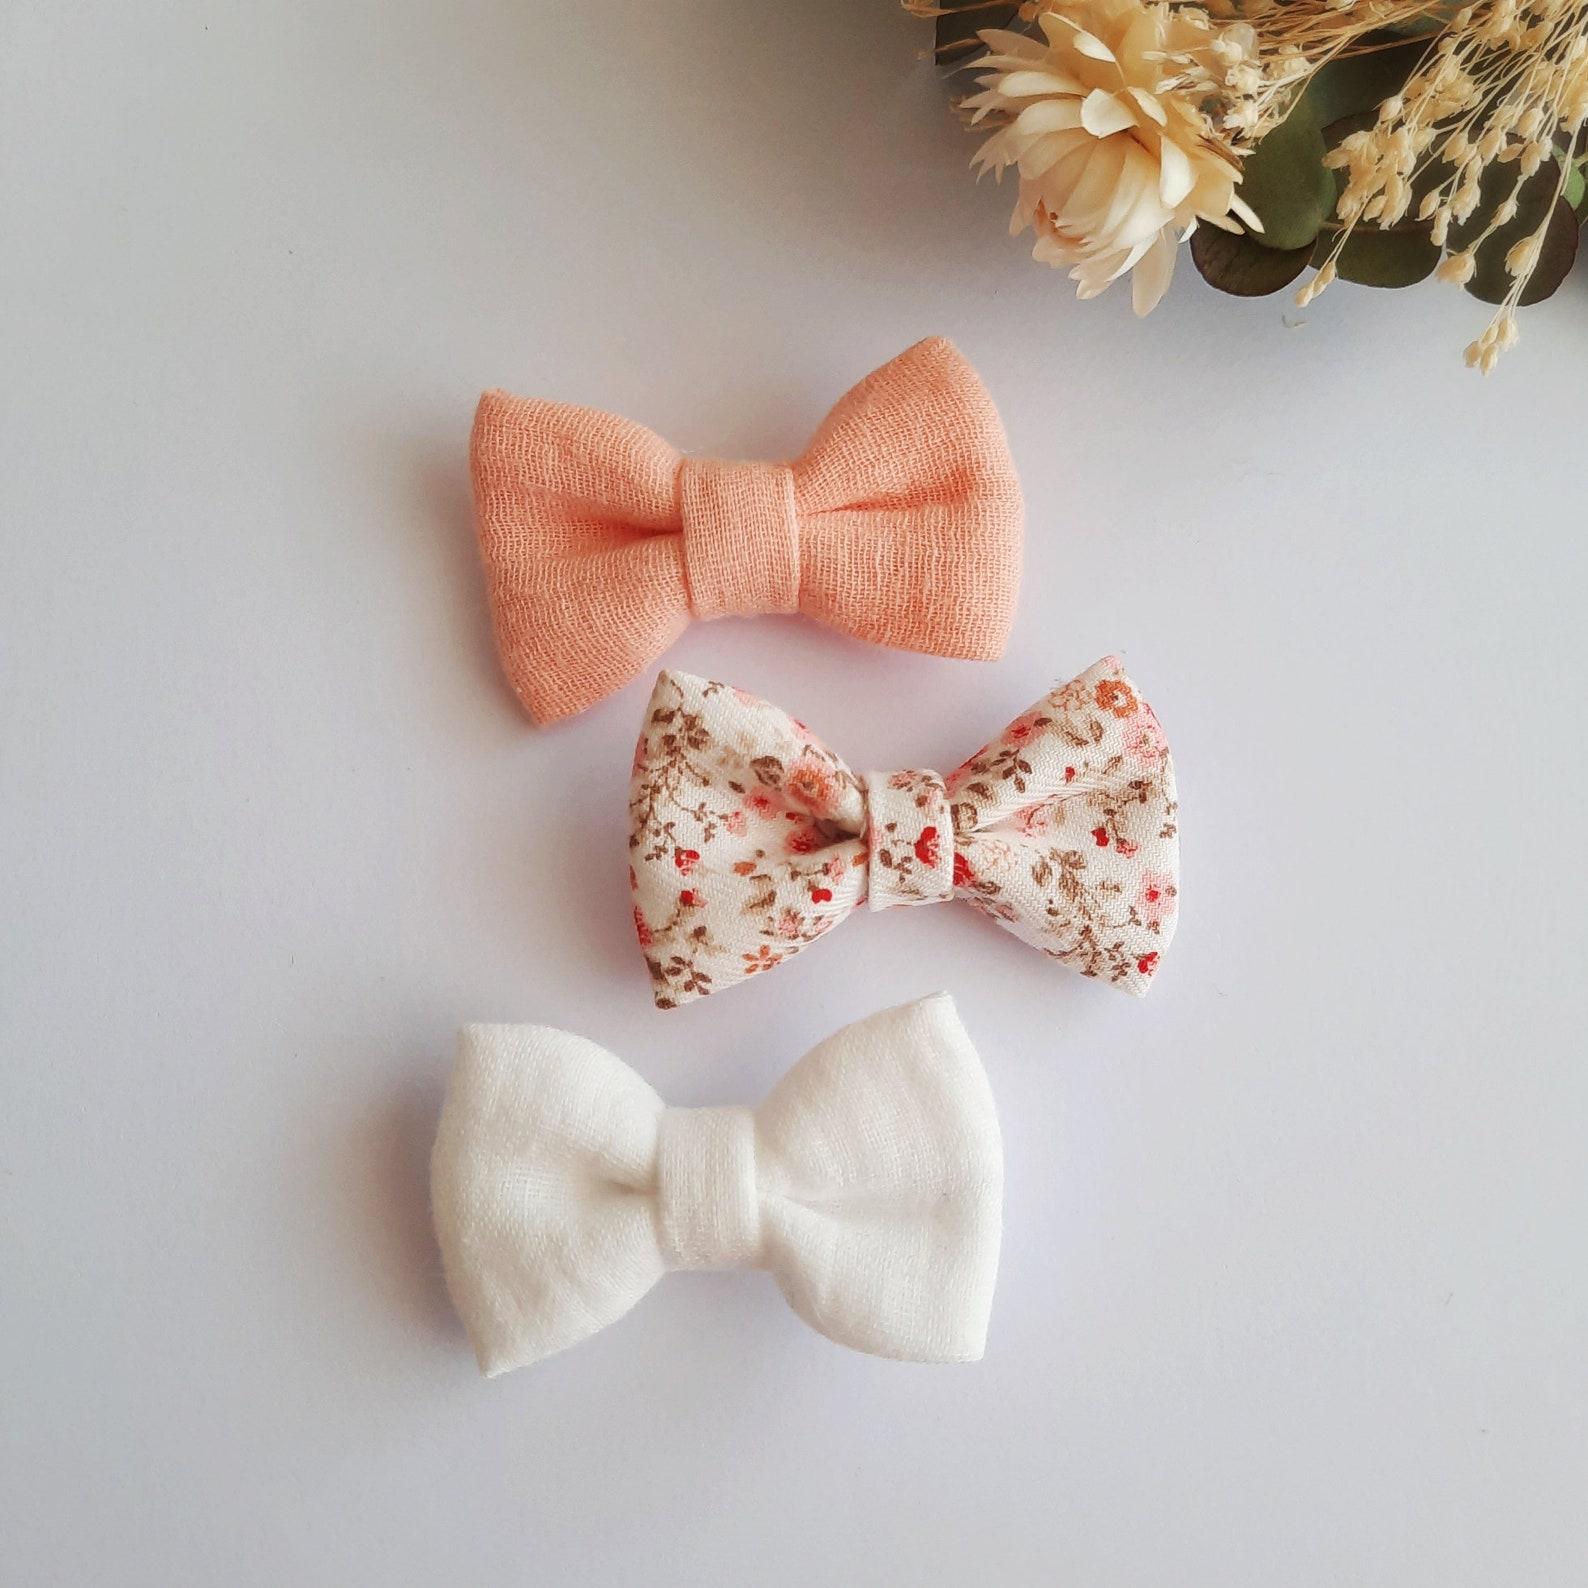 Hair bow set 3sts // 3-fach-Set mädchen Knoten Knoten